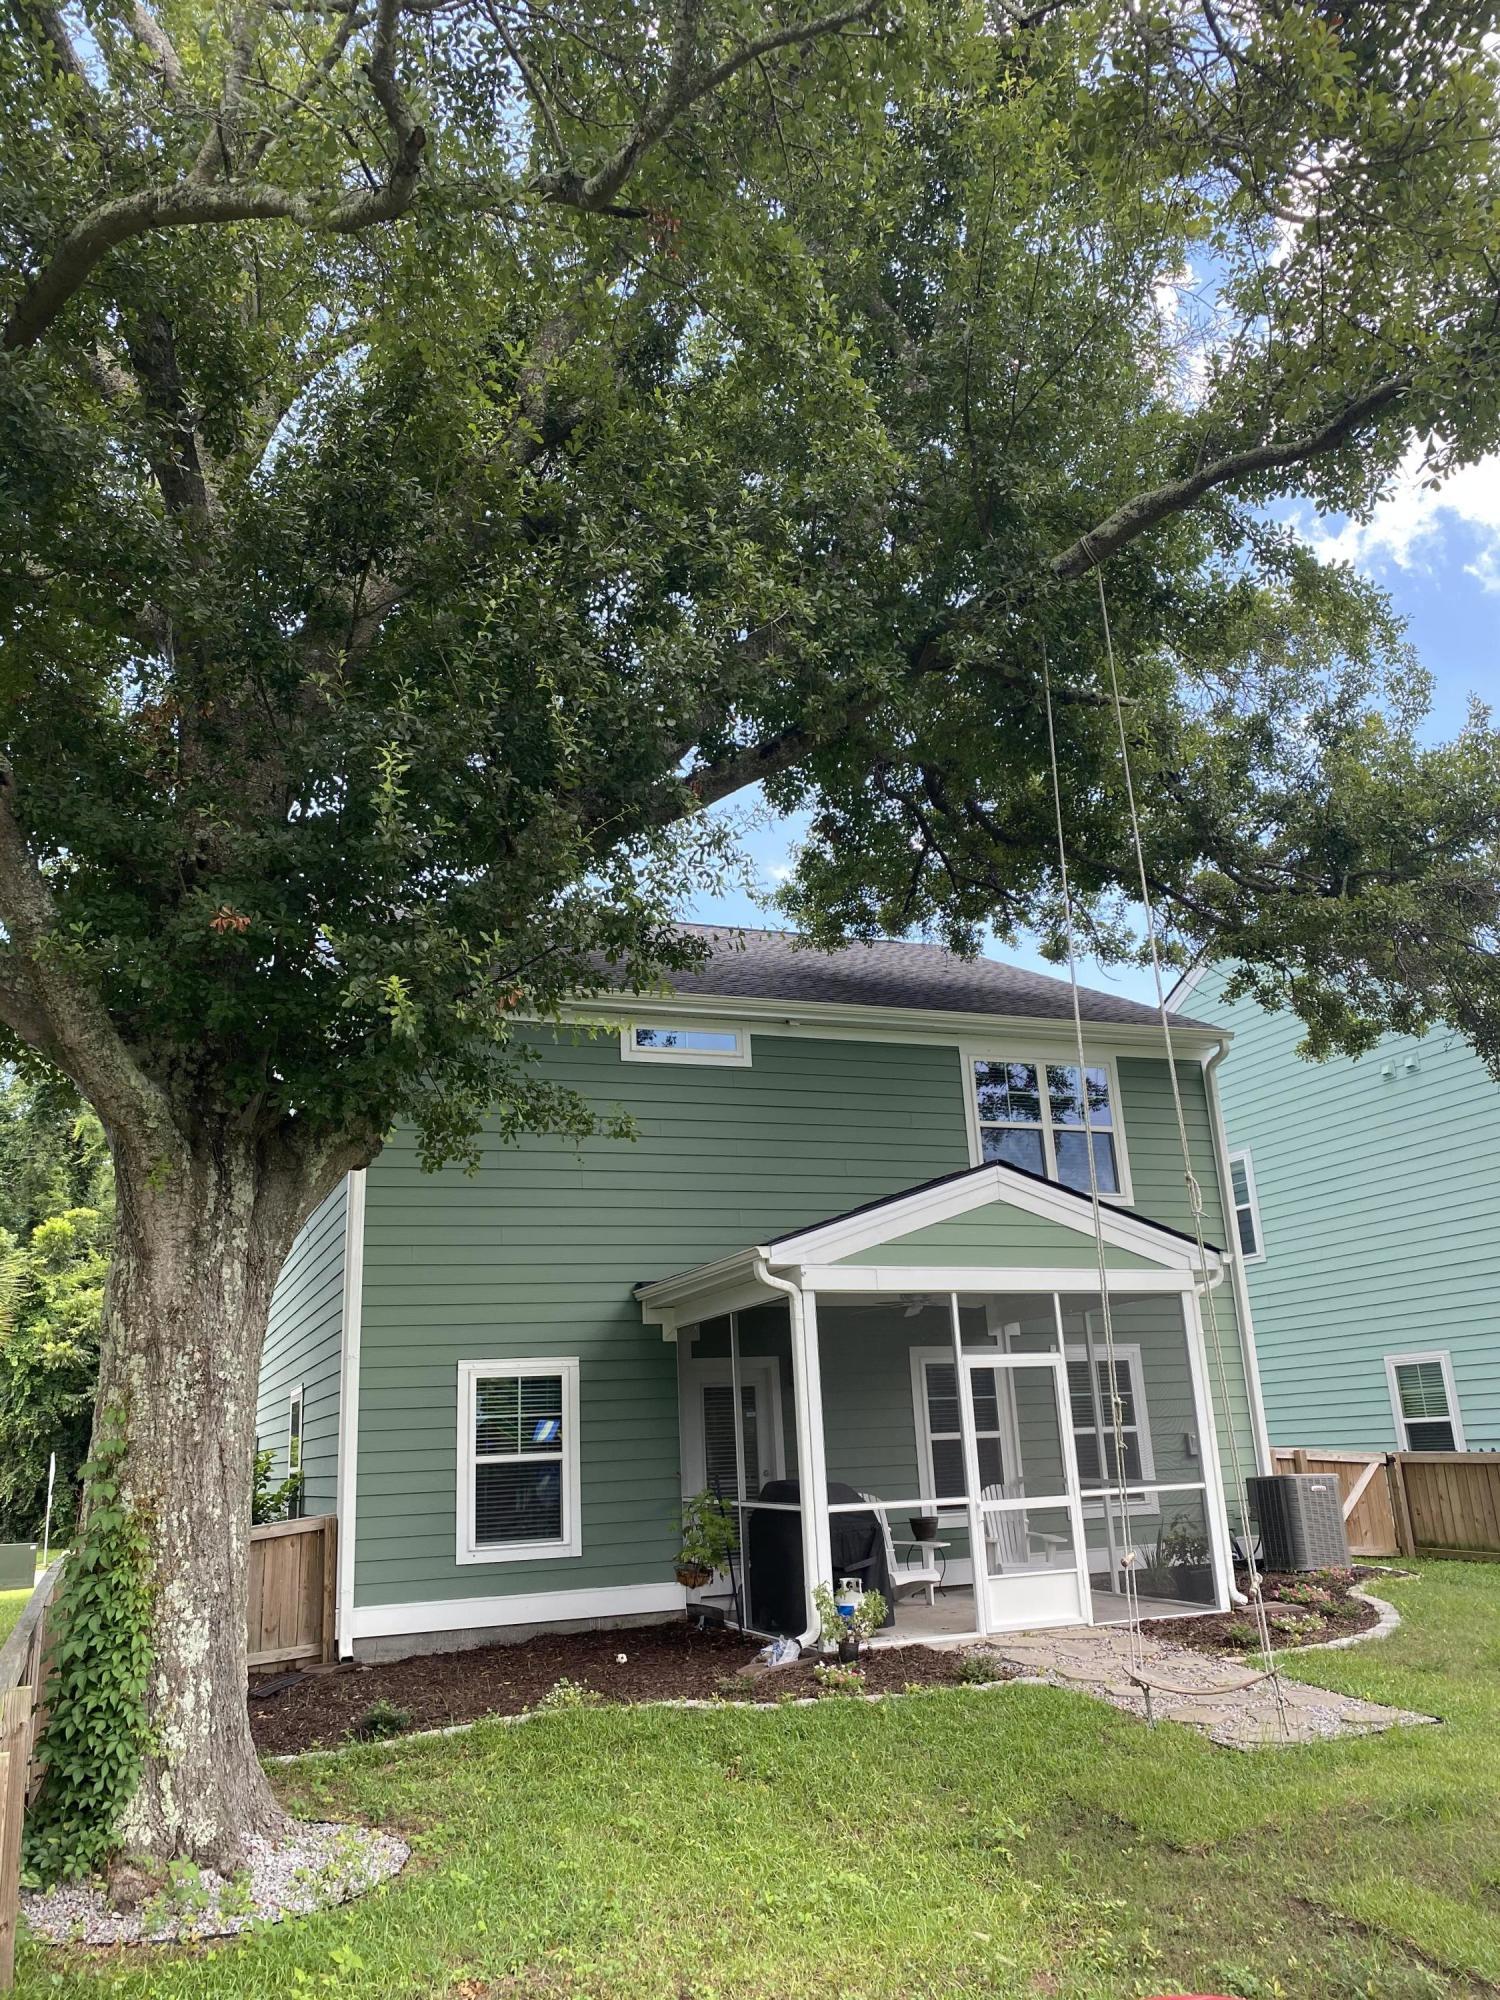 Pemberton Farms Homes For Sale - 1135 Pemberton Farms, Charleston, SC - 25